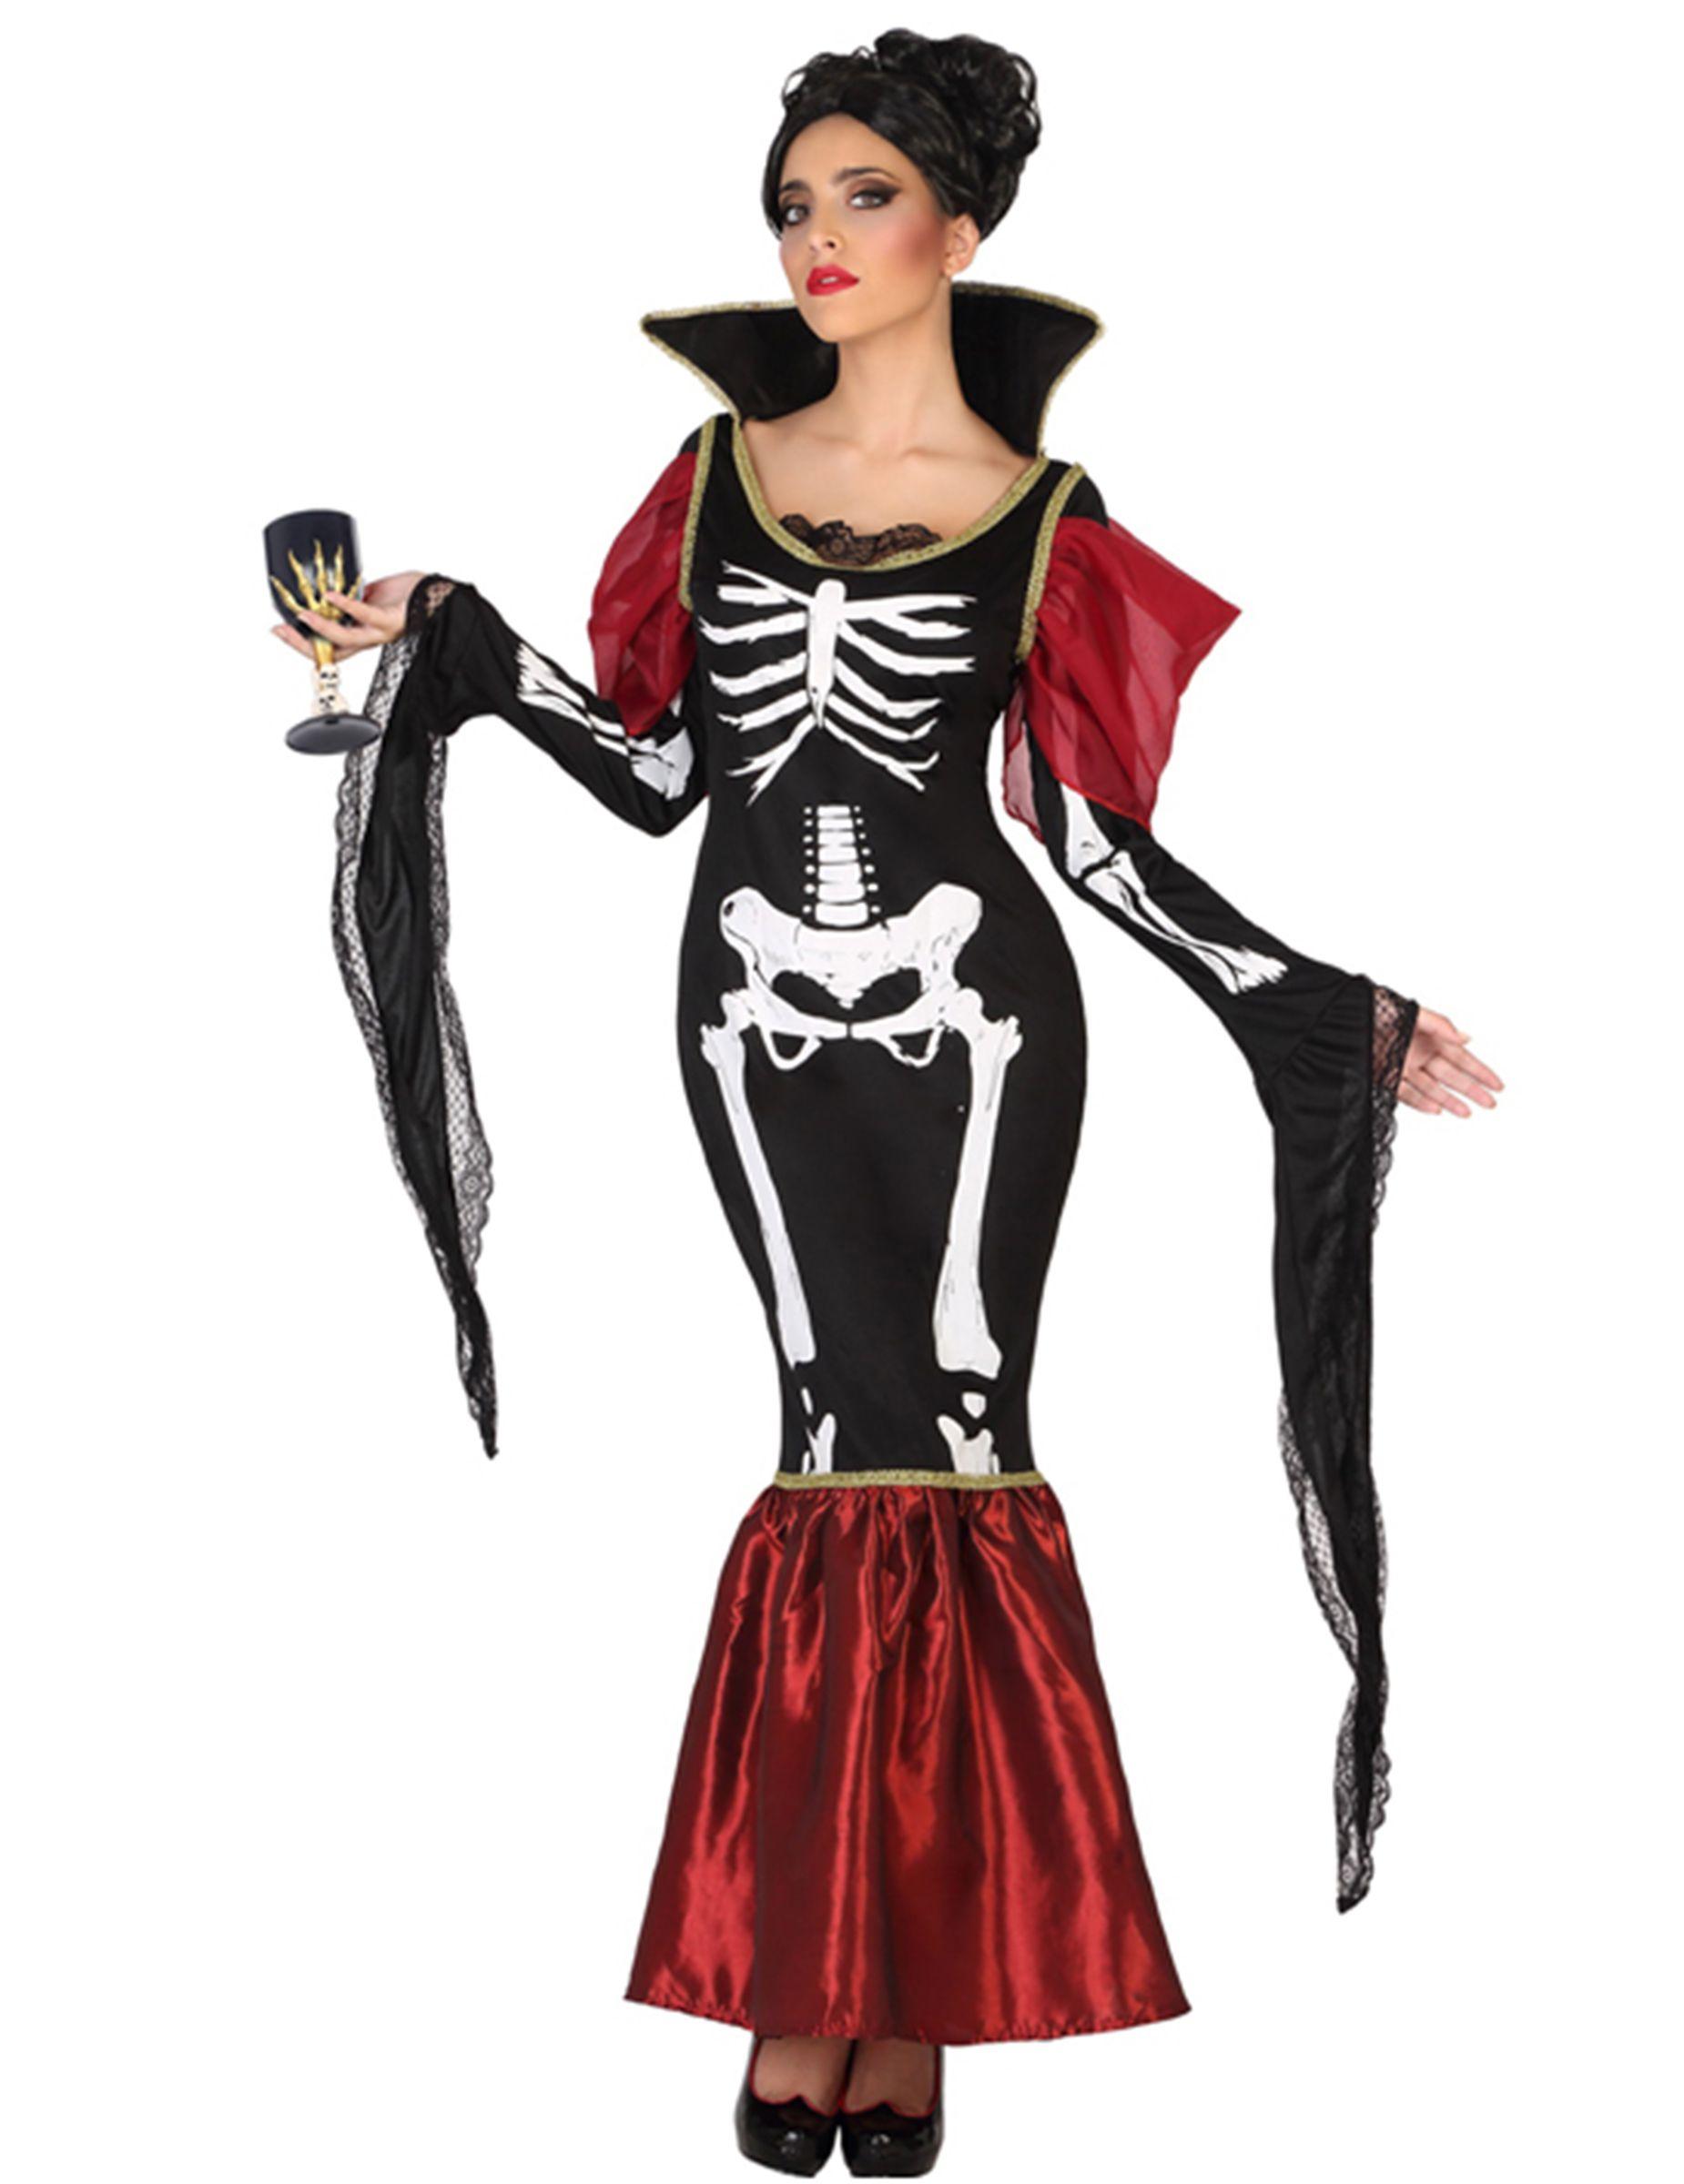 Costume vampiro scheletro donna halloween  Un travestimento da scheletro  vampiro per donna composto da un 0c0b2585ab69